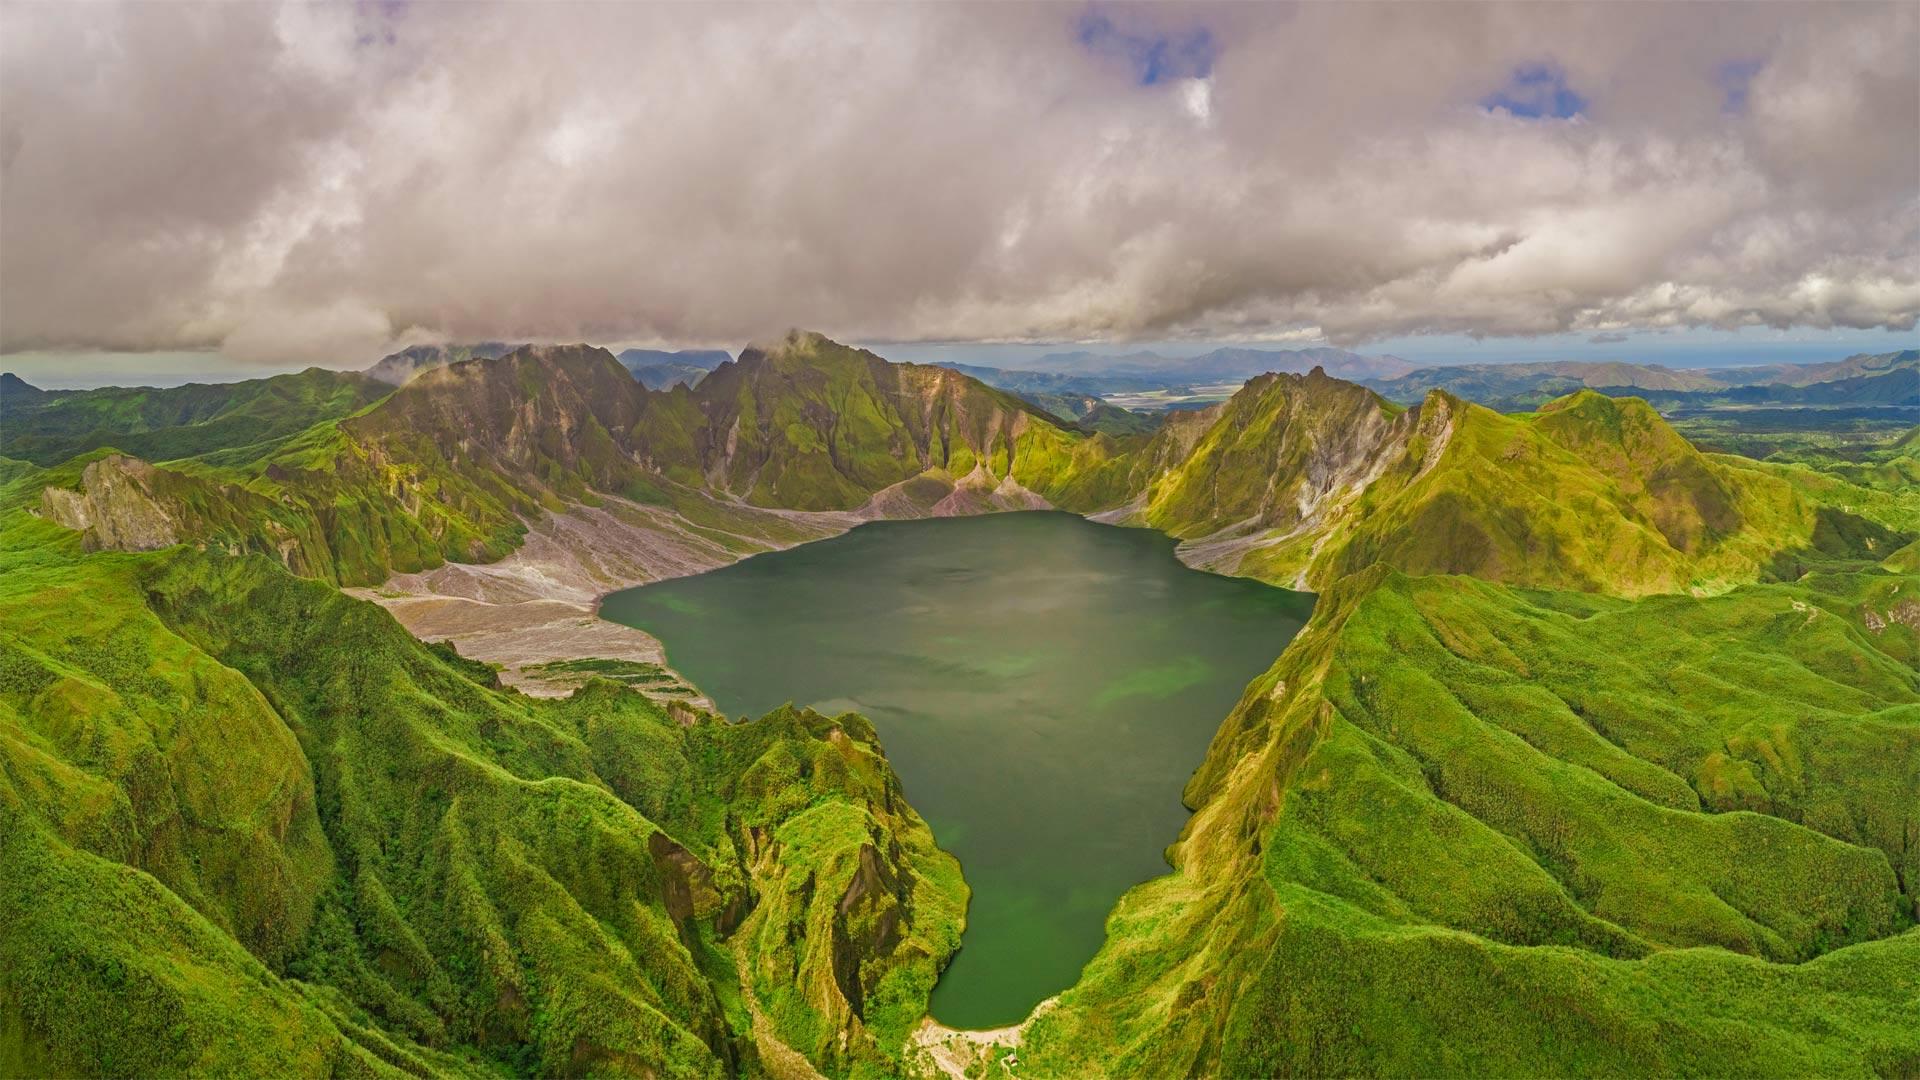 鸟瞰皮纳图博火山湖和山脉,菲律宾波拉克 (© Amazing Aerial Agency/Offset by Shutterstock)